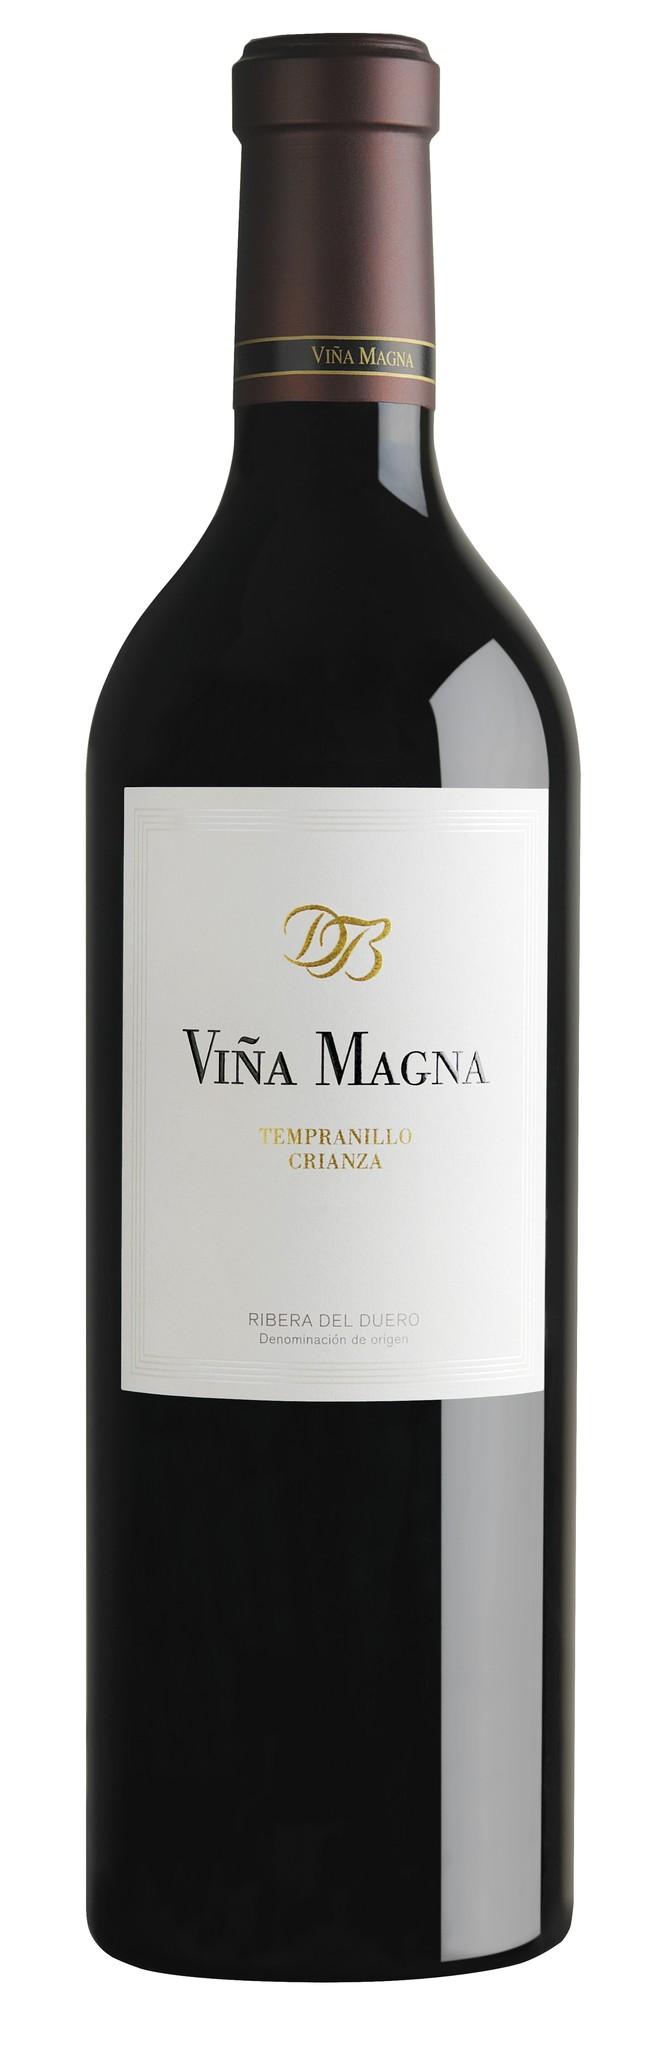 Dominio Basconcillos - Ribera del Duero 2017 Vina Magna Crianza Ribera del Duero, Dominio Basconcillos